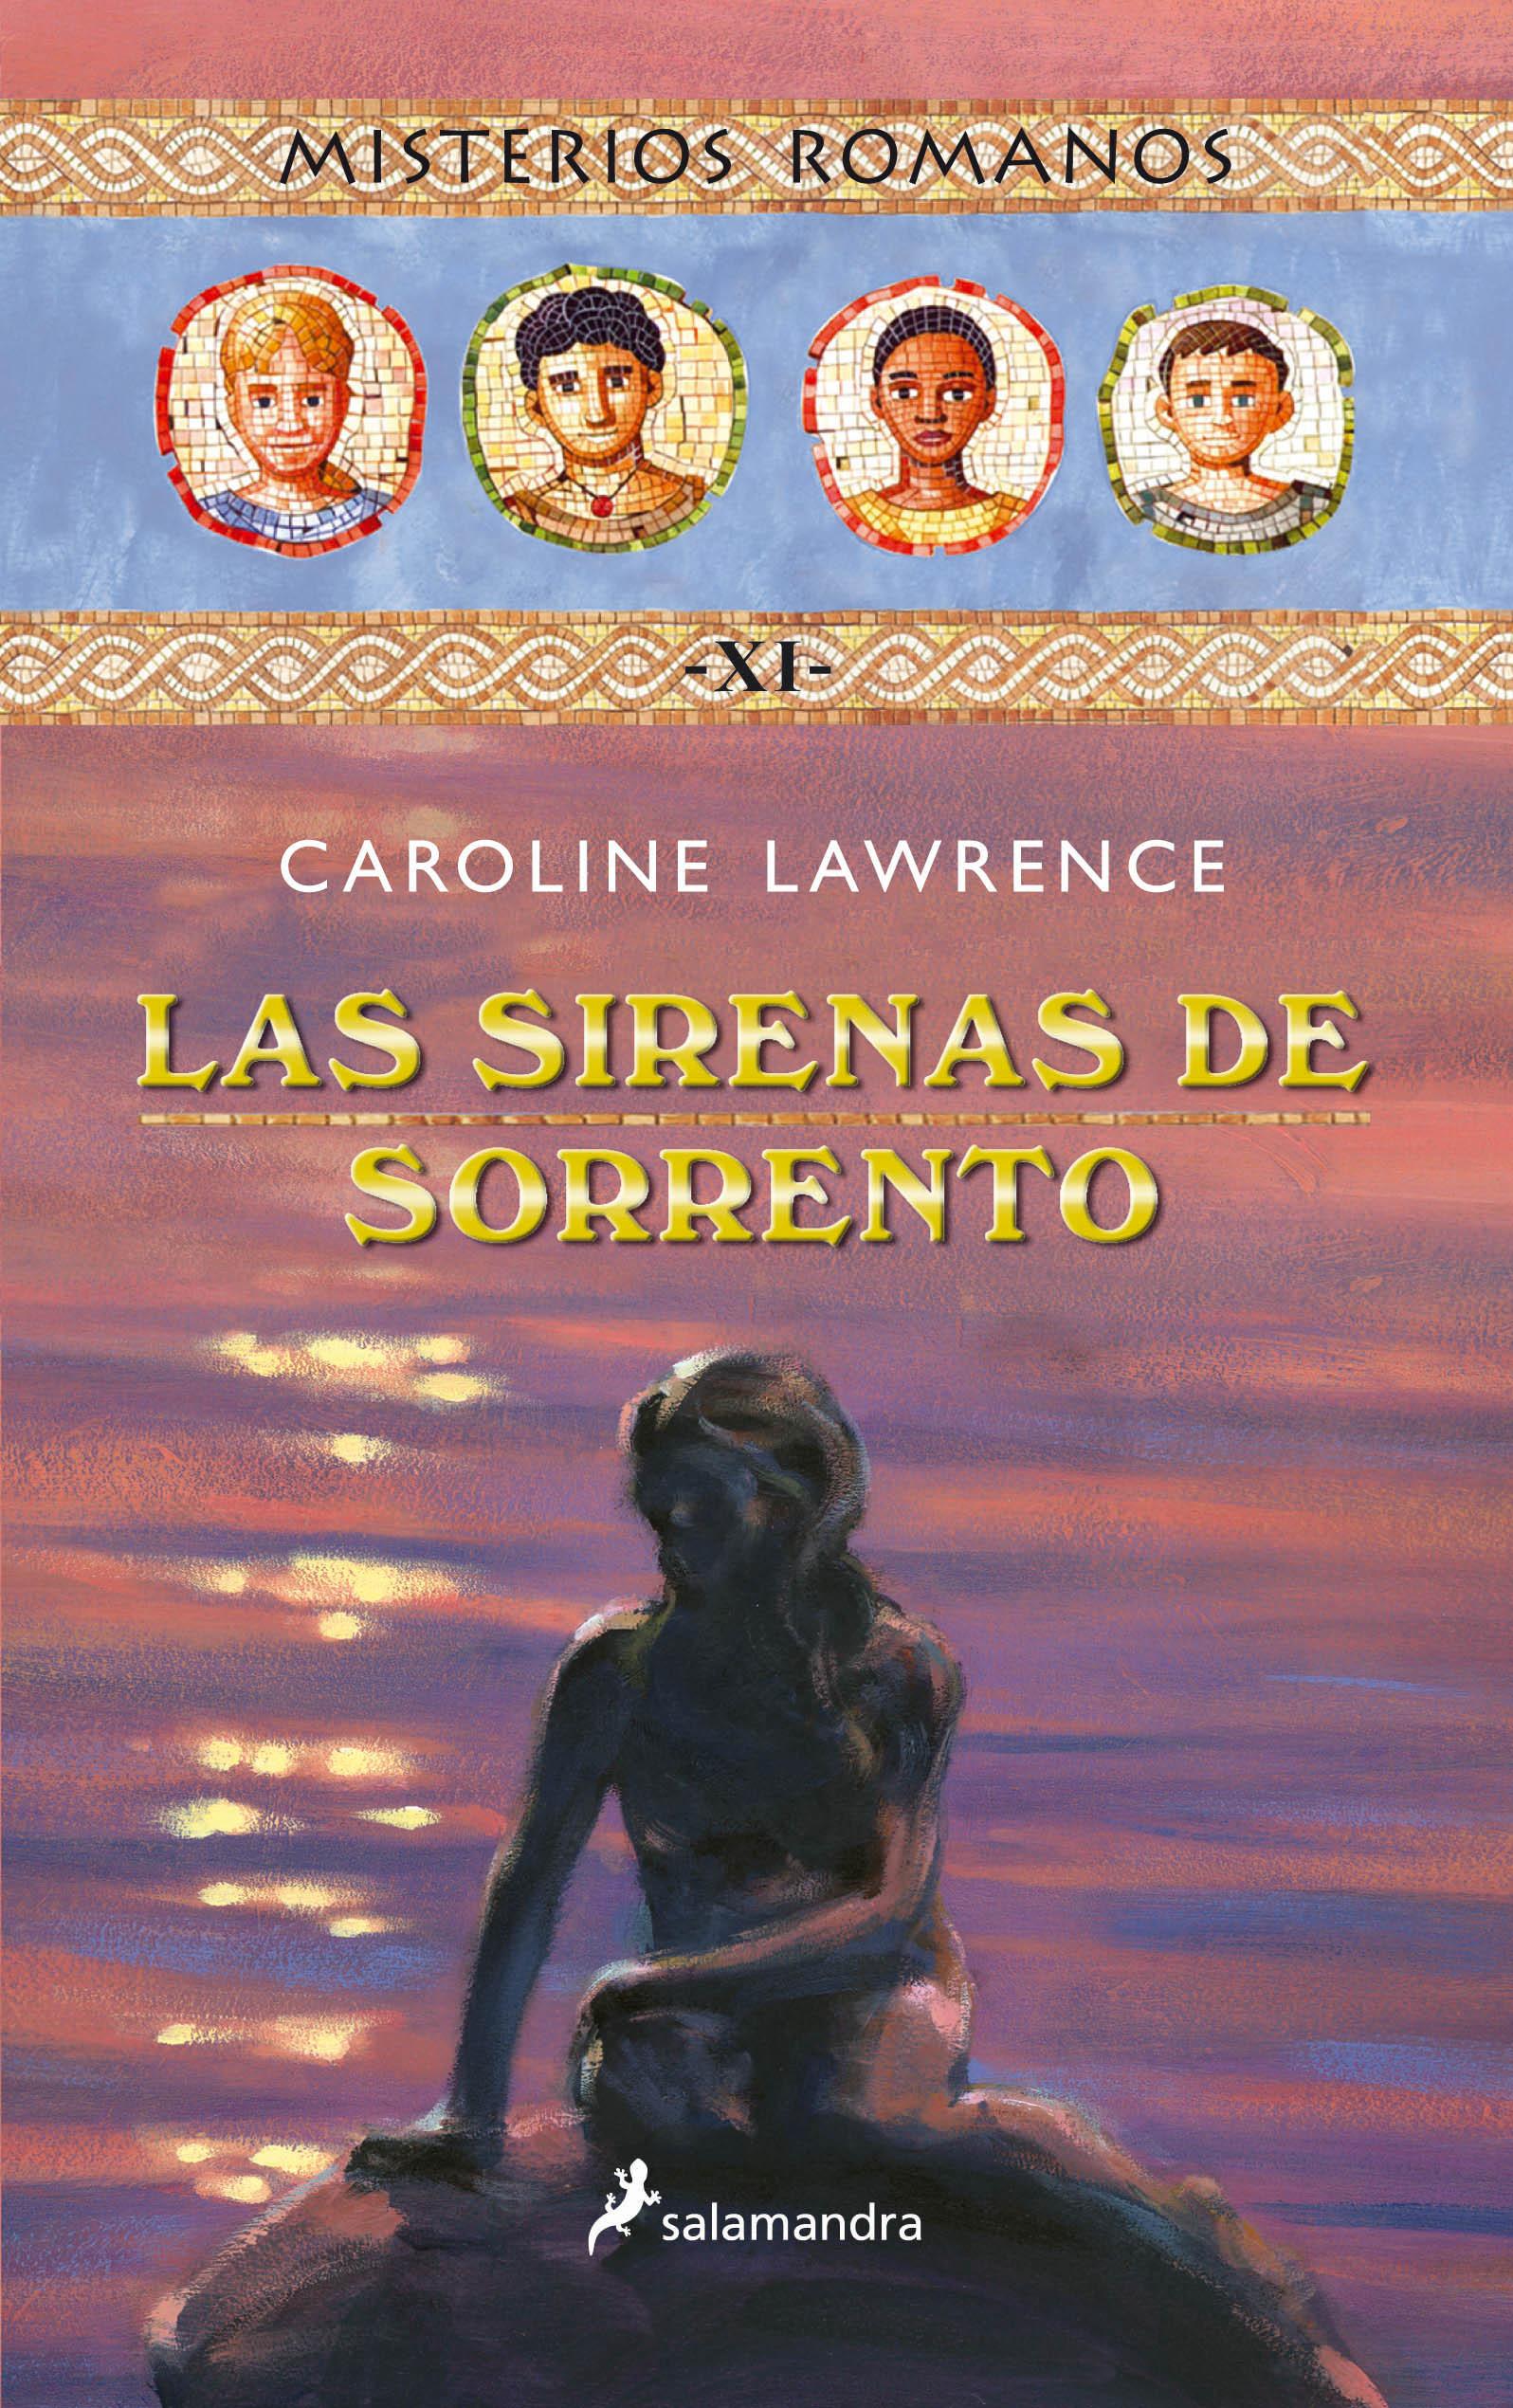 Las sirenas de Sorrento (Misterios romanos 11)